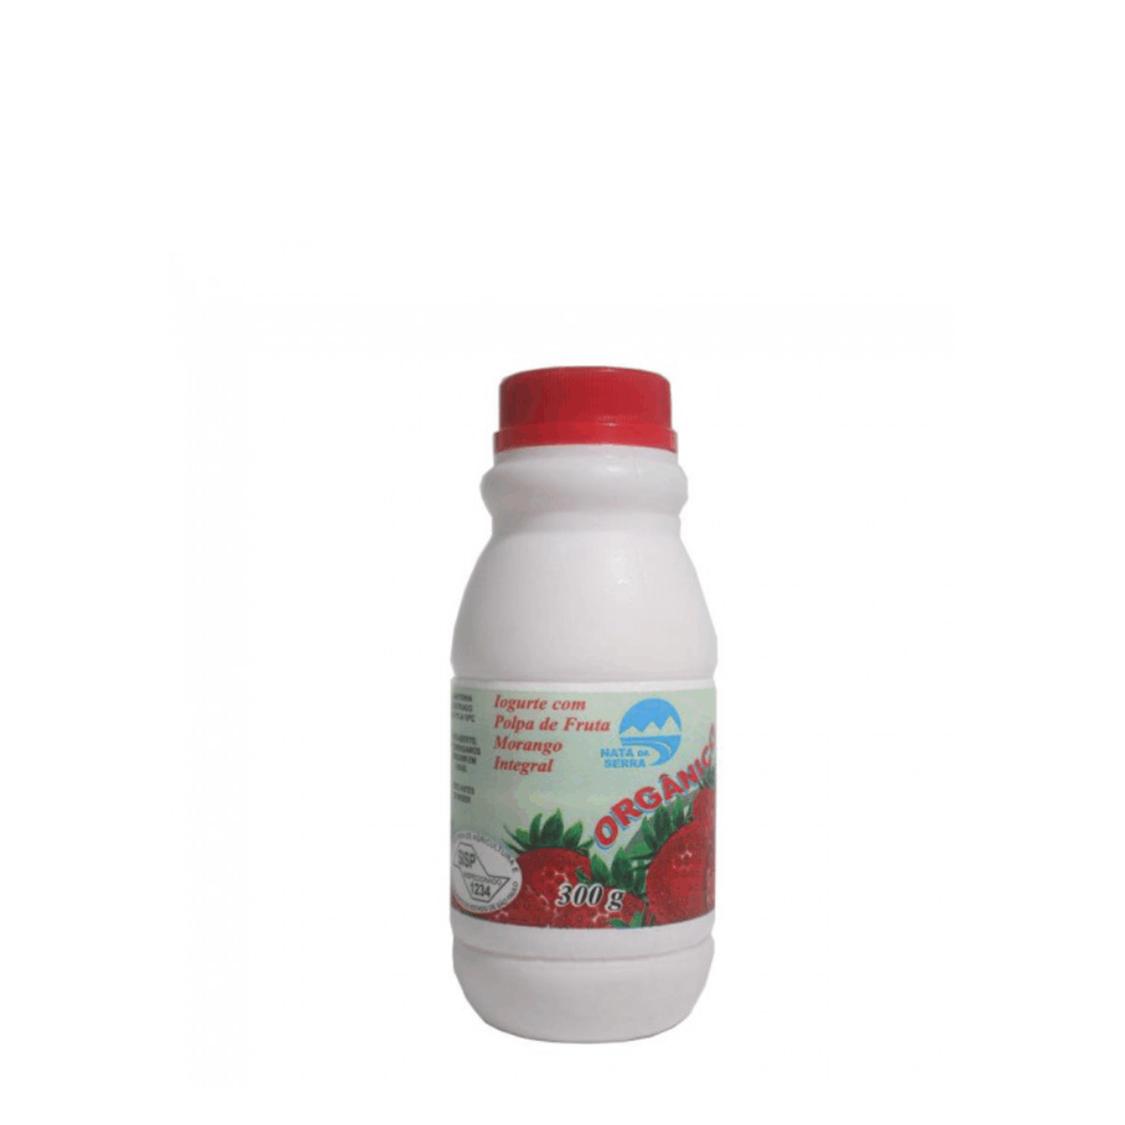 Iogurte Morango (300g) – Nata da Serra